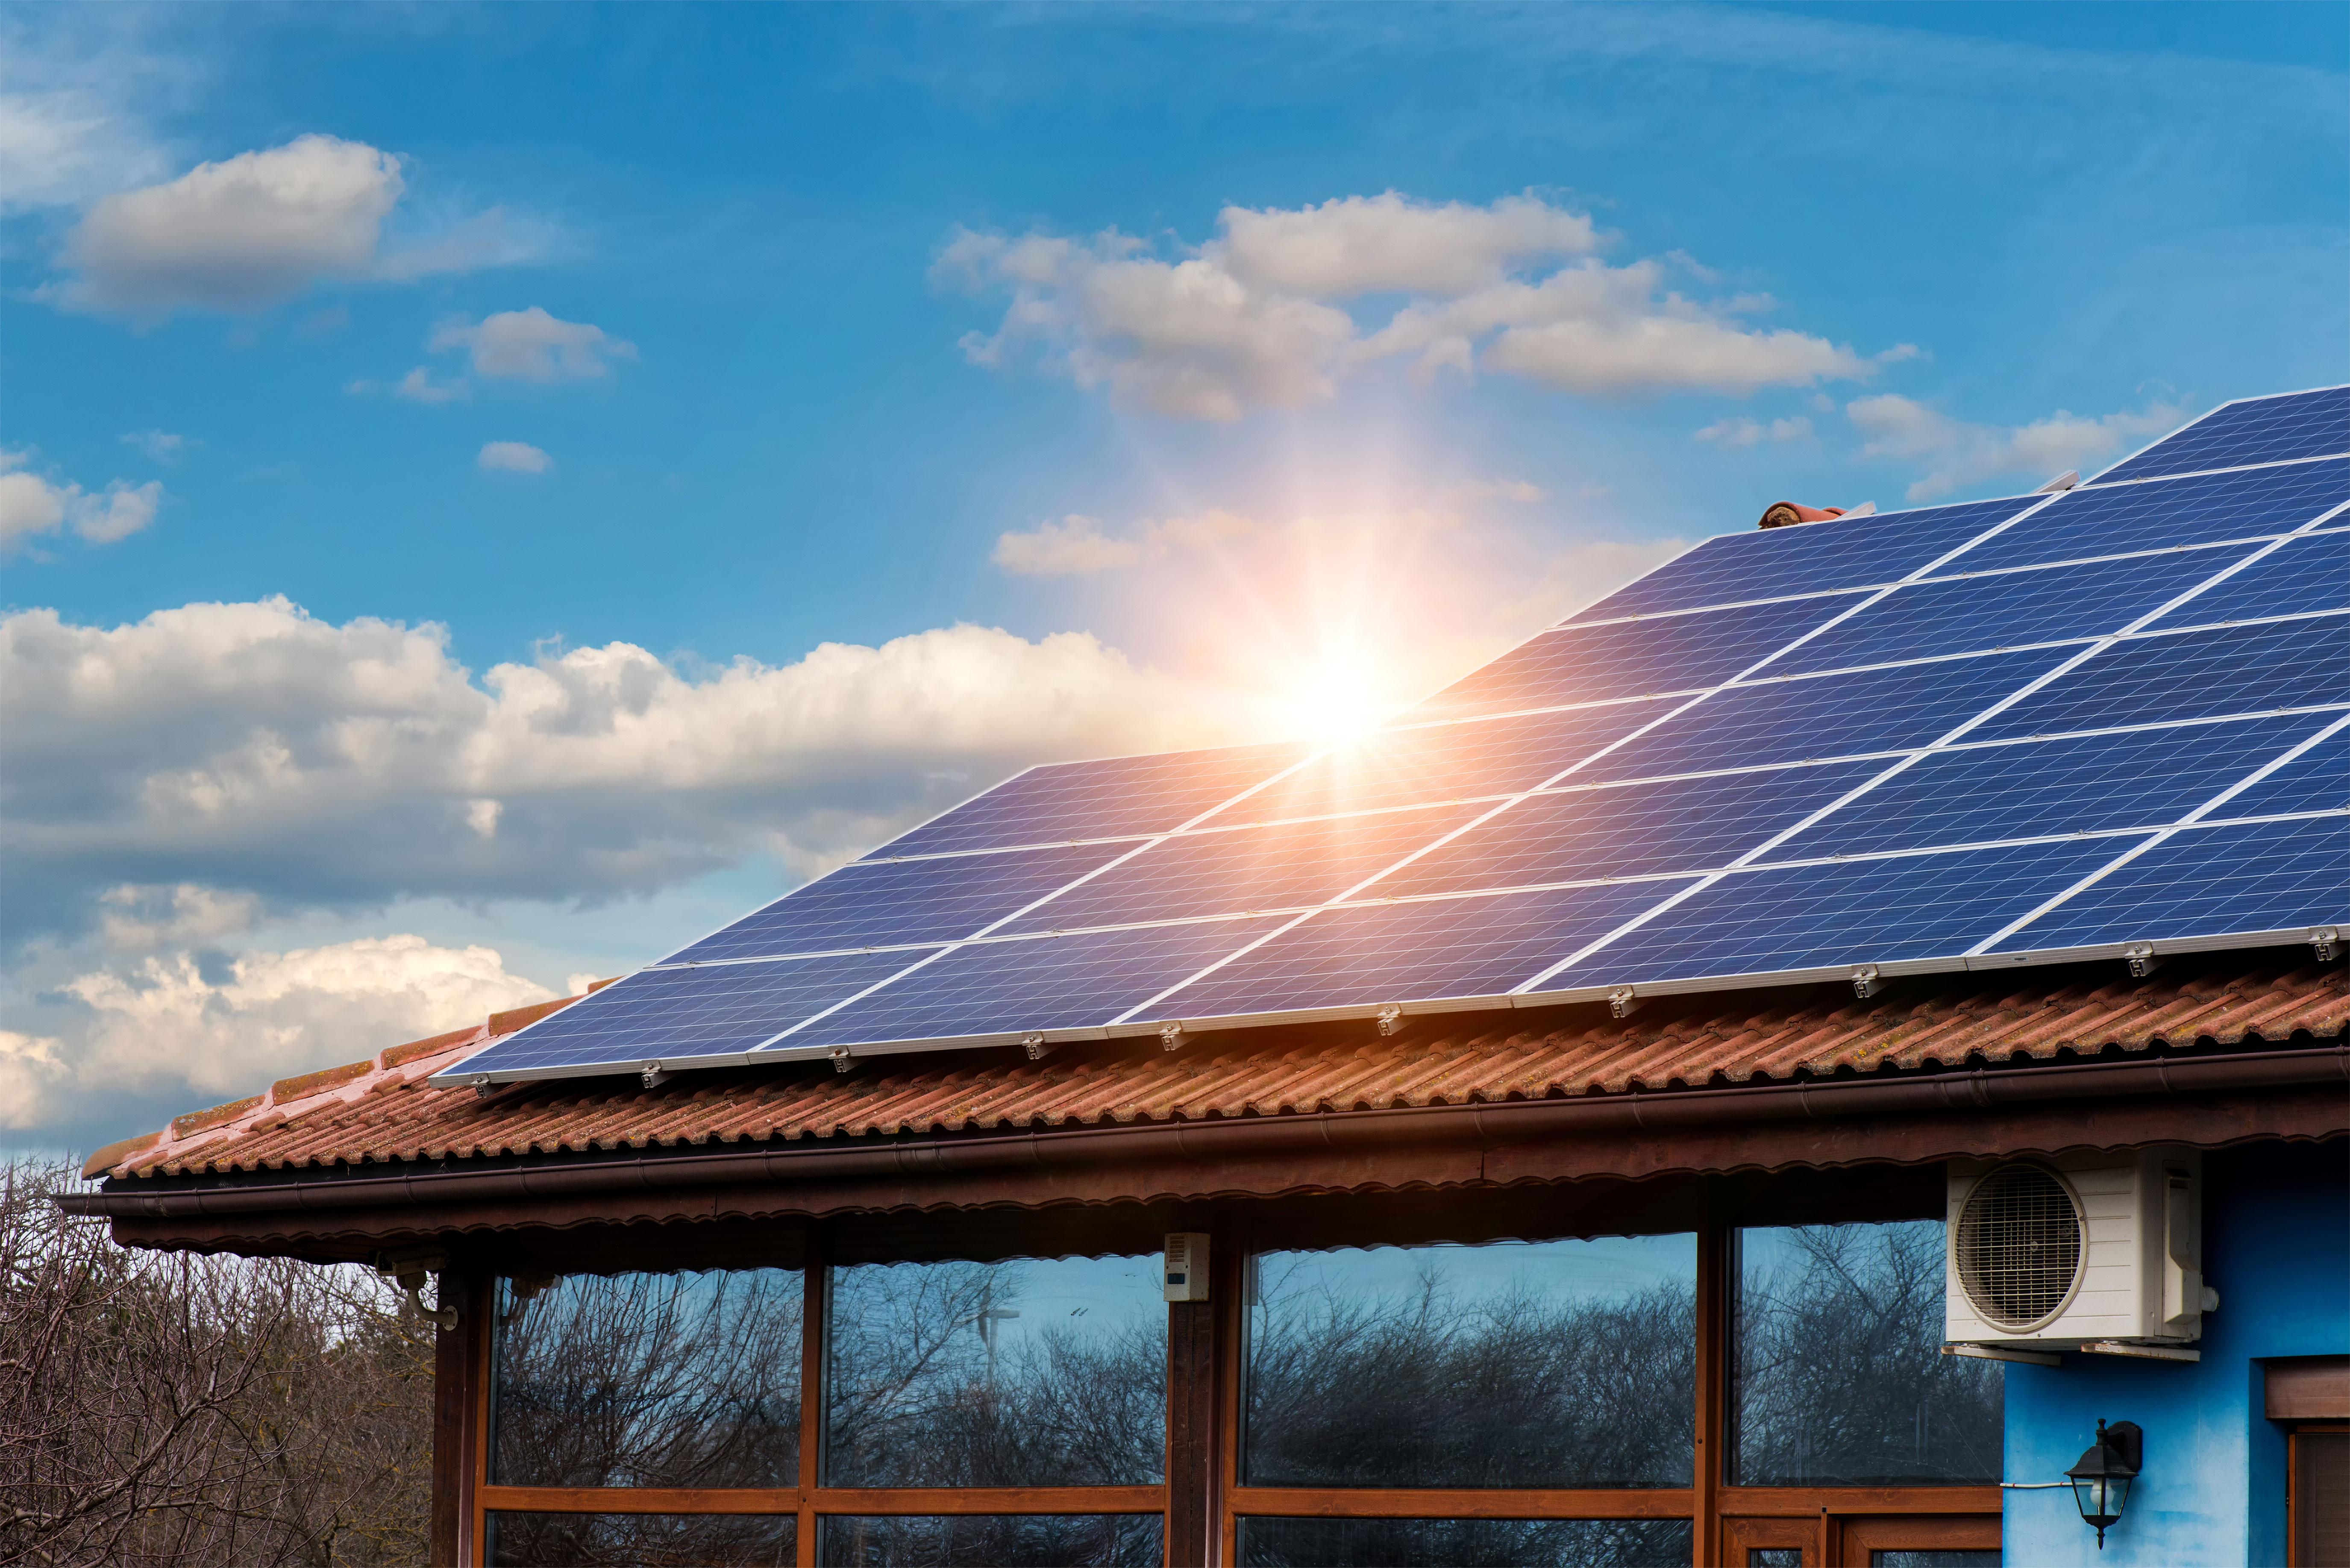 Imagem Por que querem impedir o crescimento da energia solar?